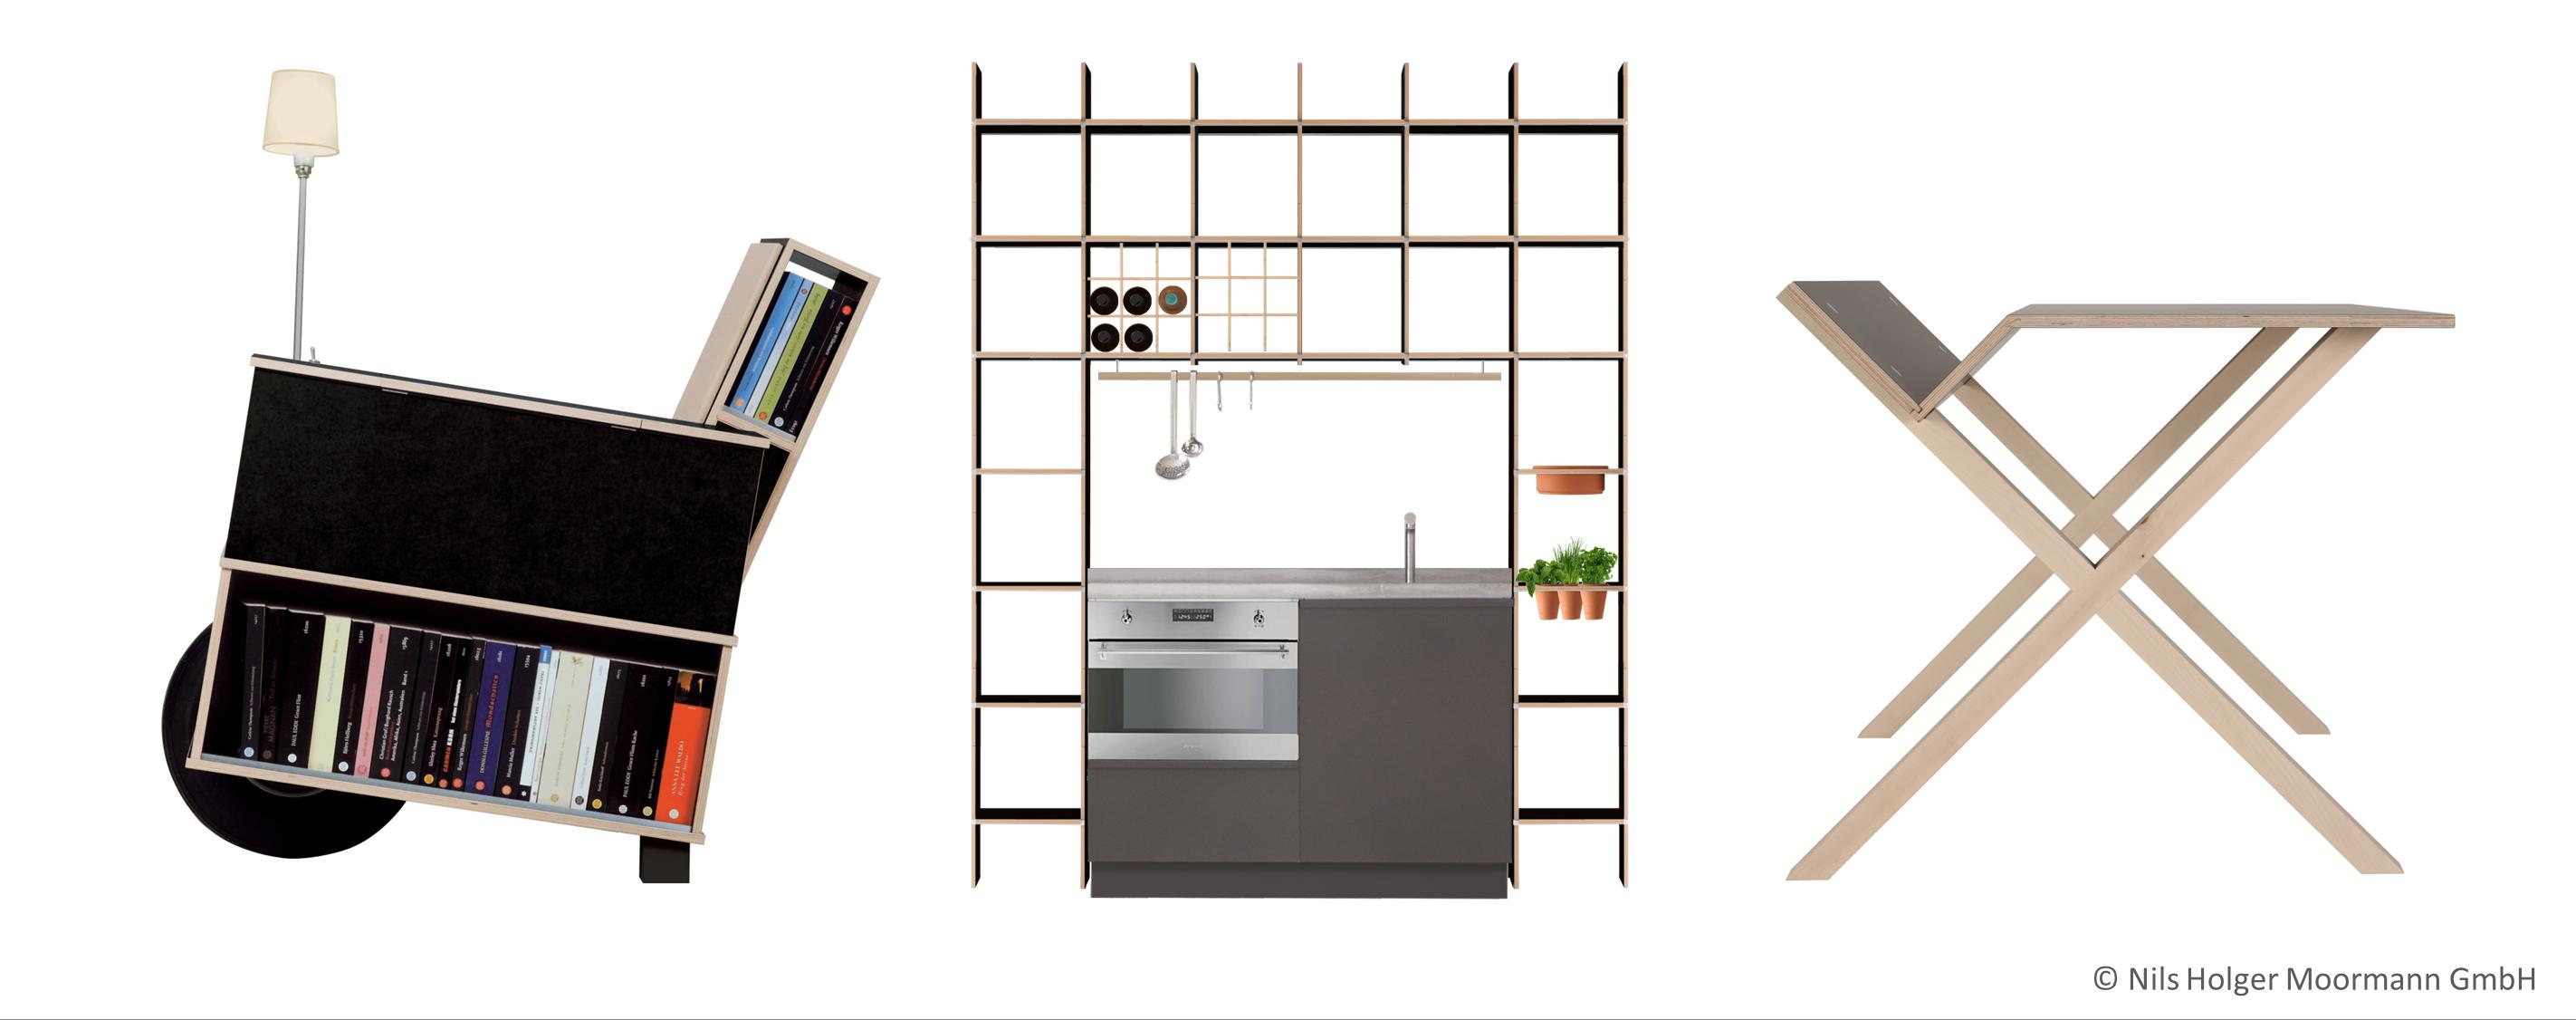 produktkonfiguration bei nils holger moormann pcon blog. Black Bedroom Furniture Sets. Home Design Ideas